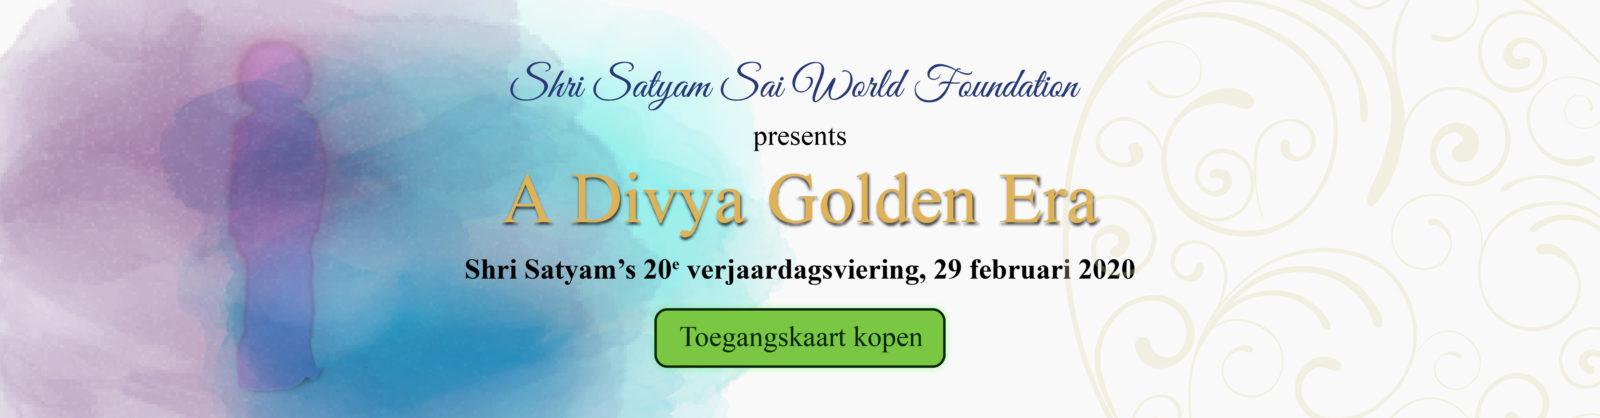 20e verjaardagsviering van Shri Satyam